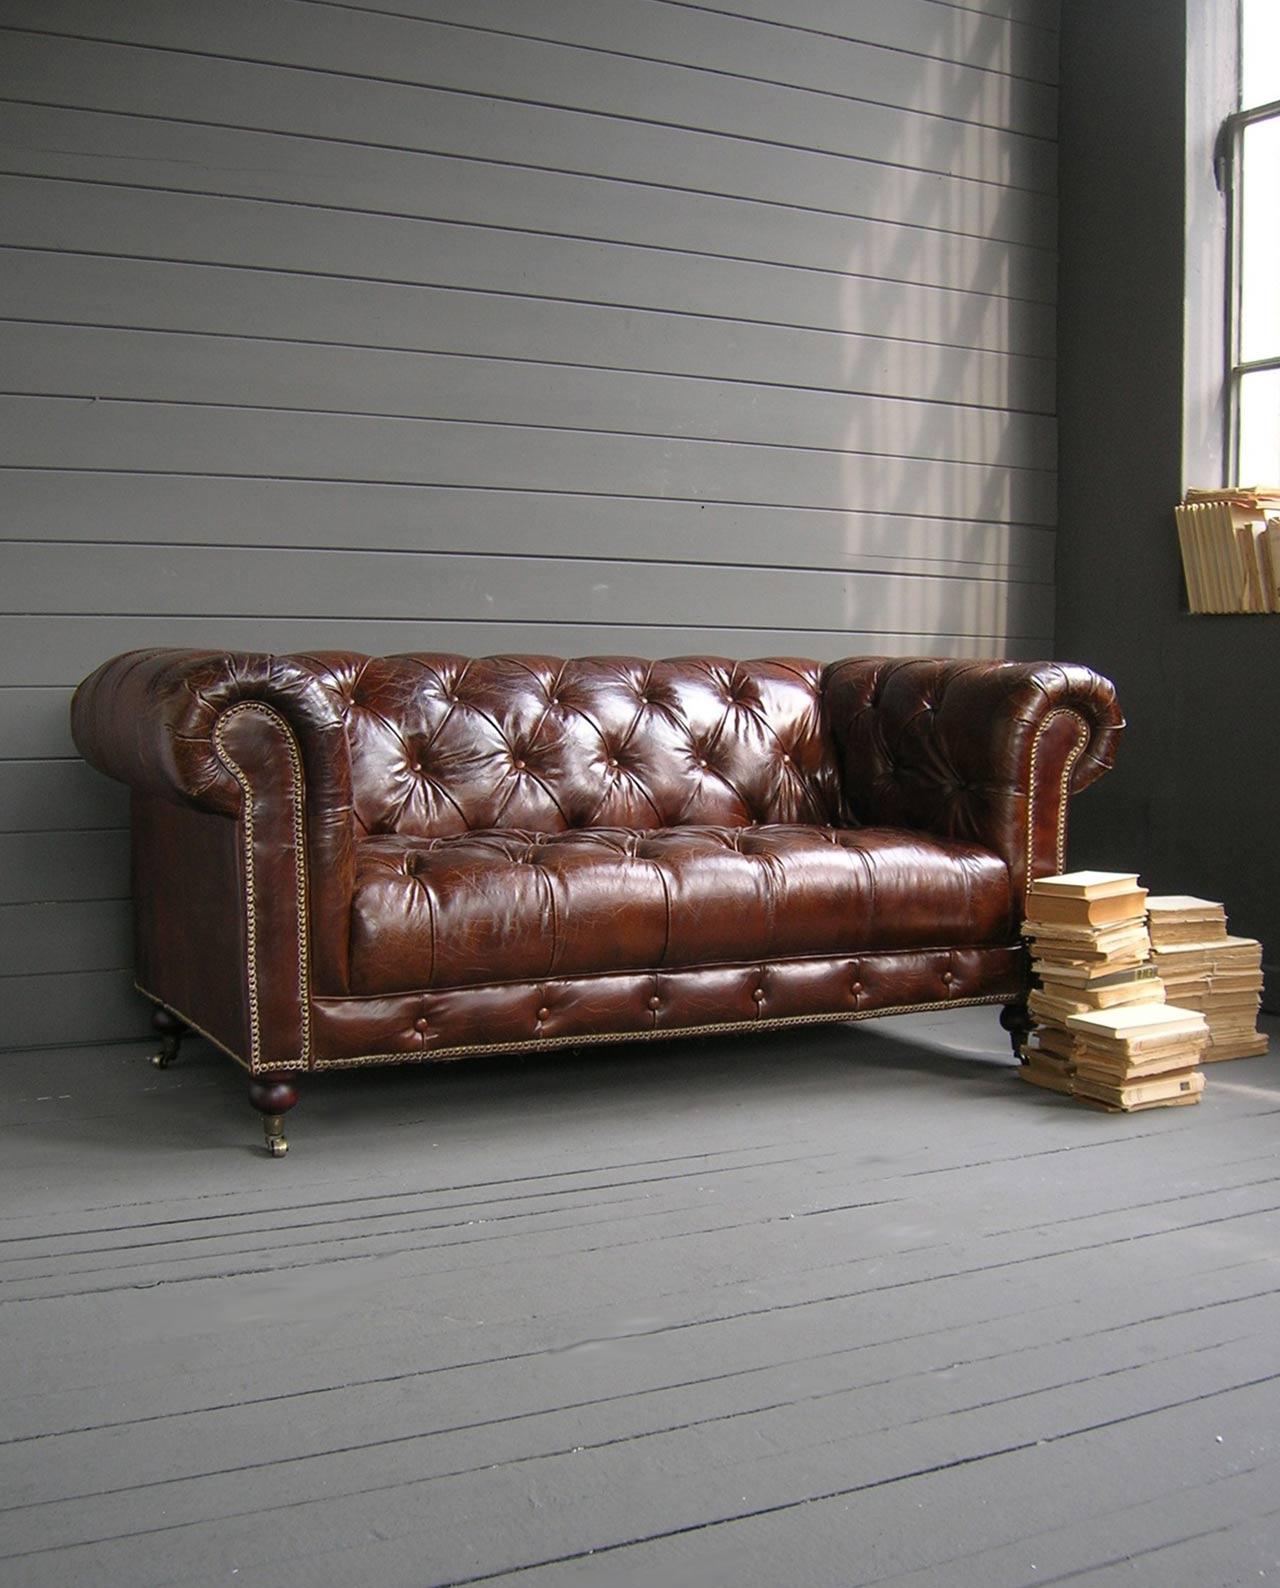 Divano imbottito chesterfield marrone in pelle mobilia - Divano pelle vintage ...